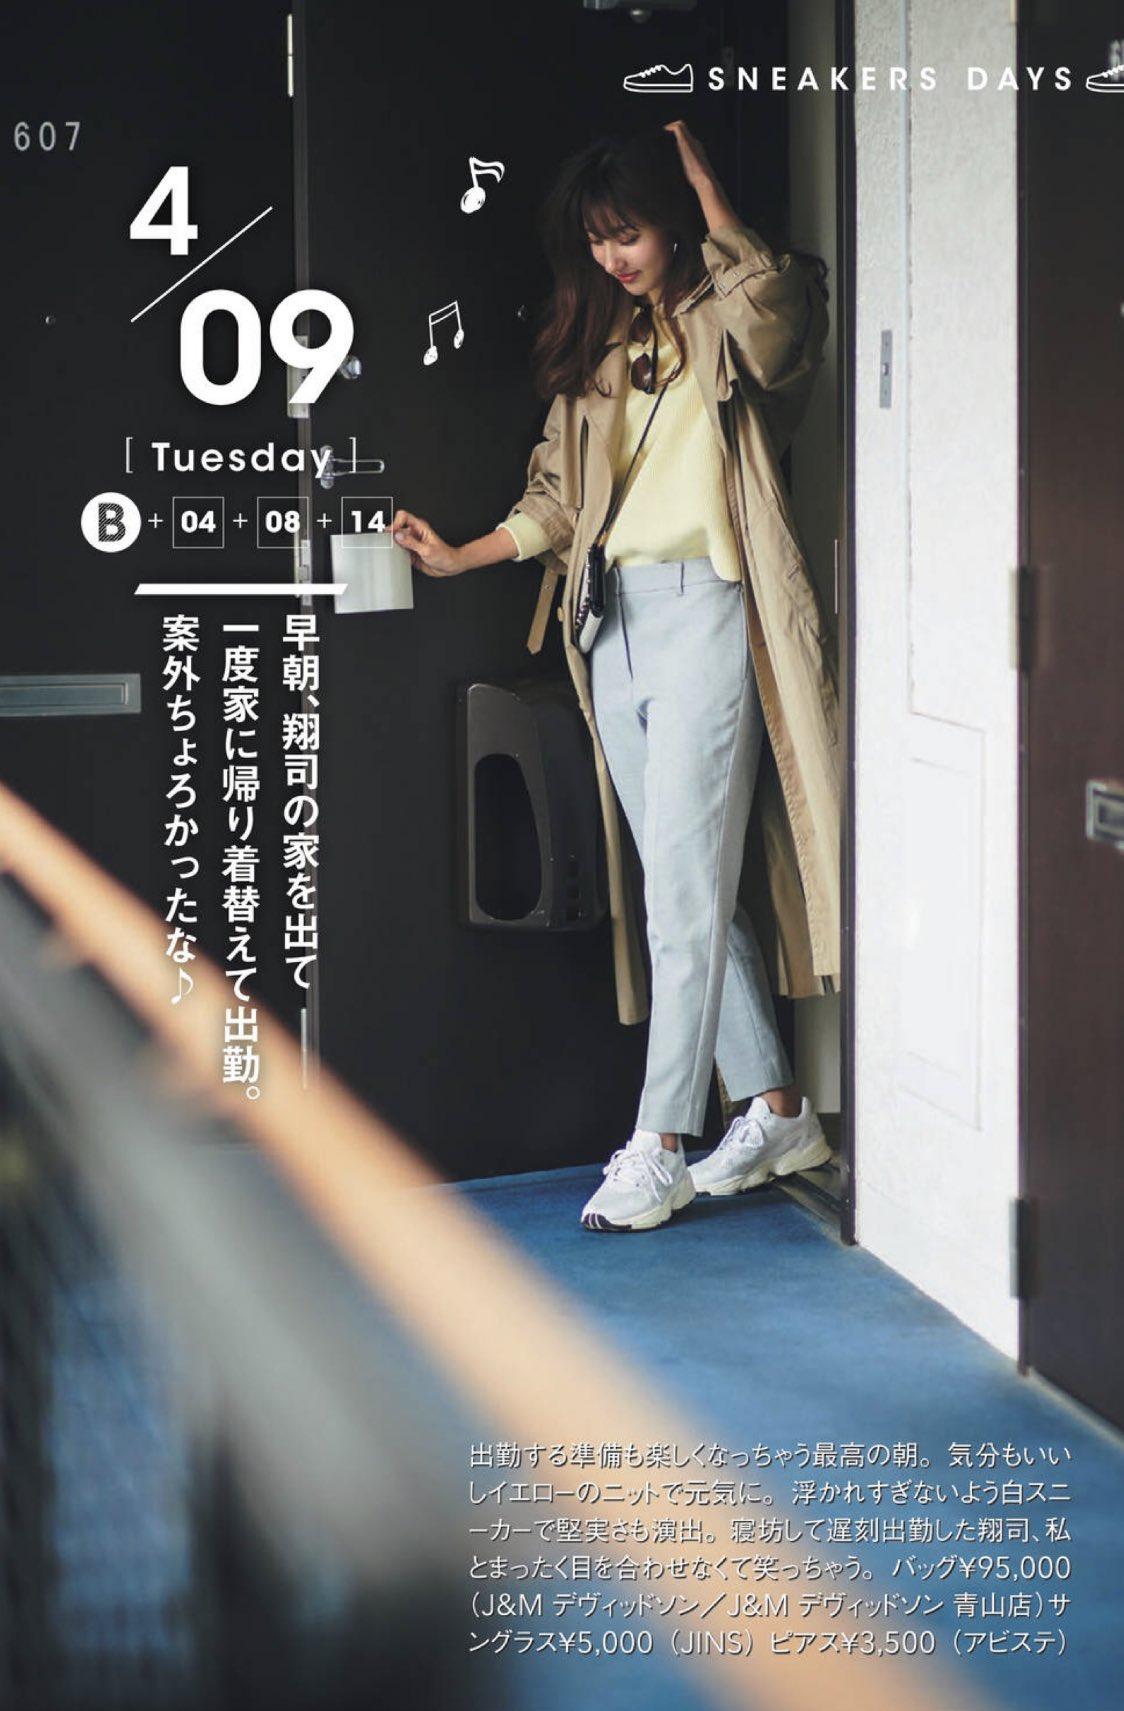 ツッコミどころ満載すぎる着まわしコーデ【ファッション誌】